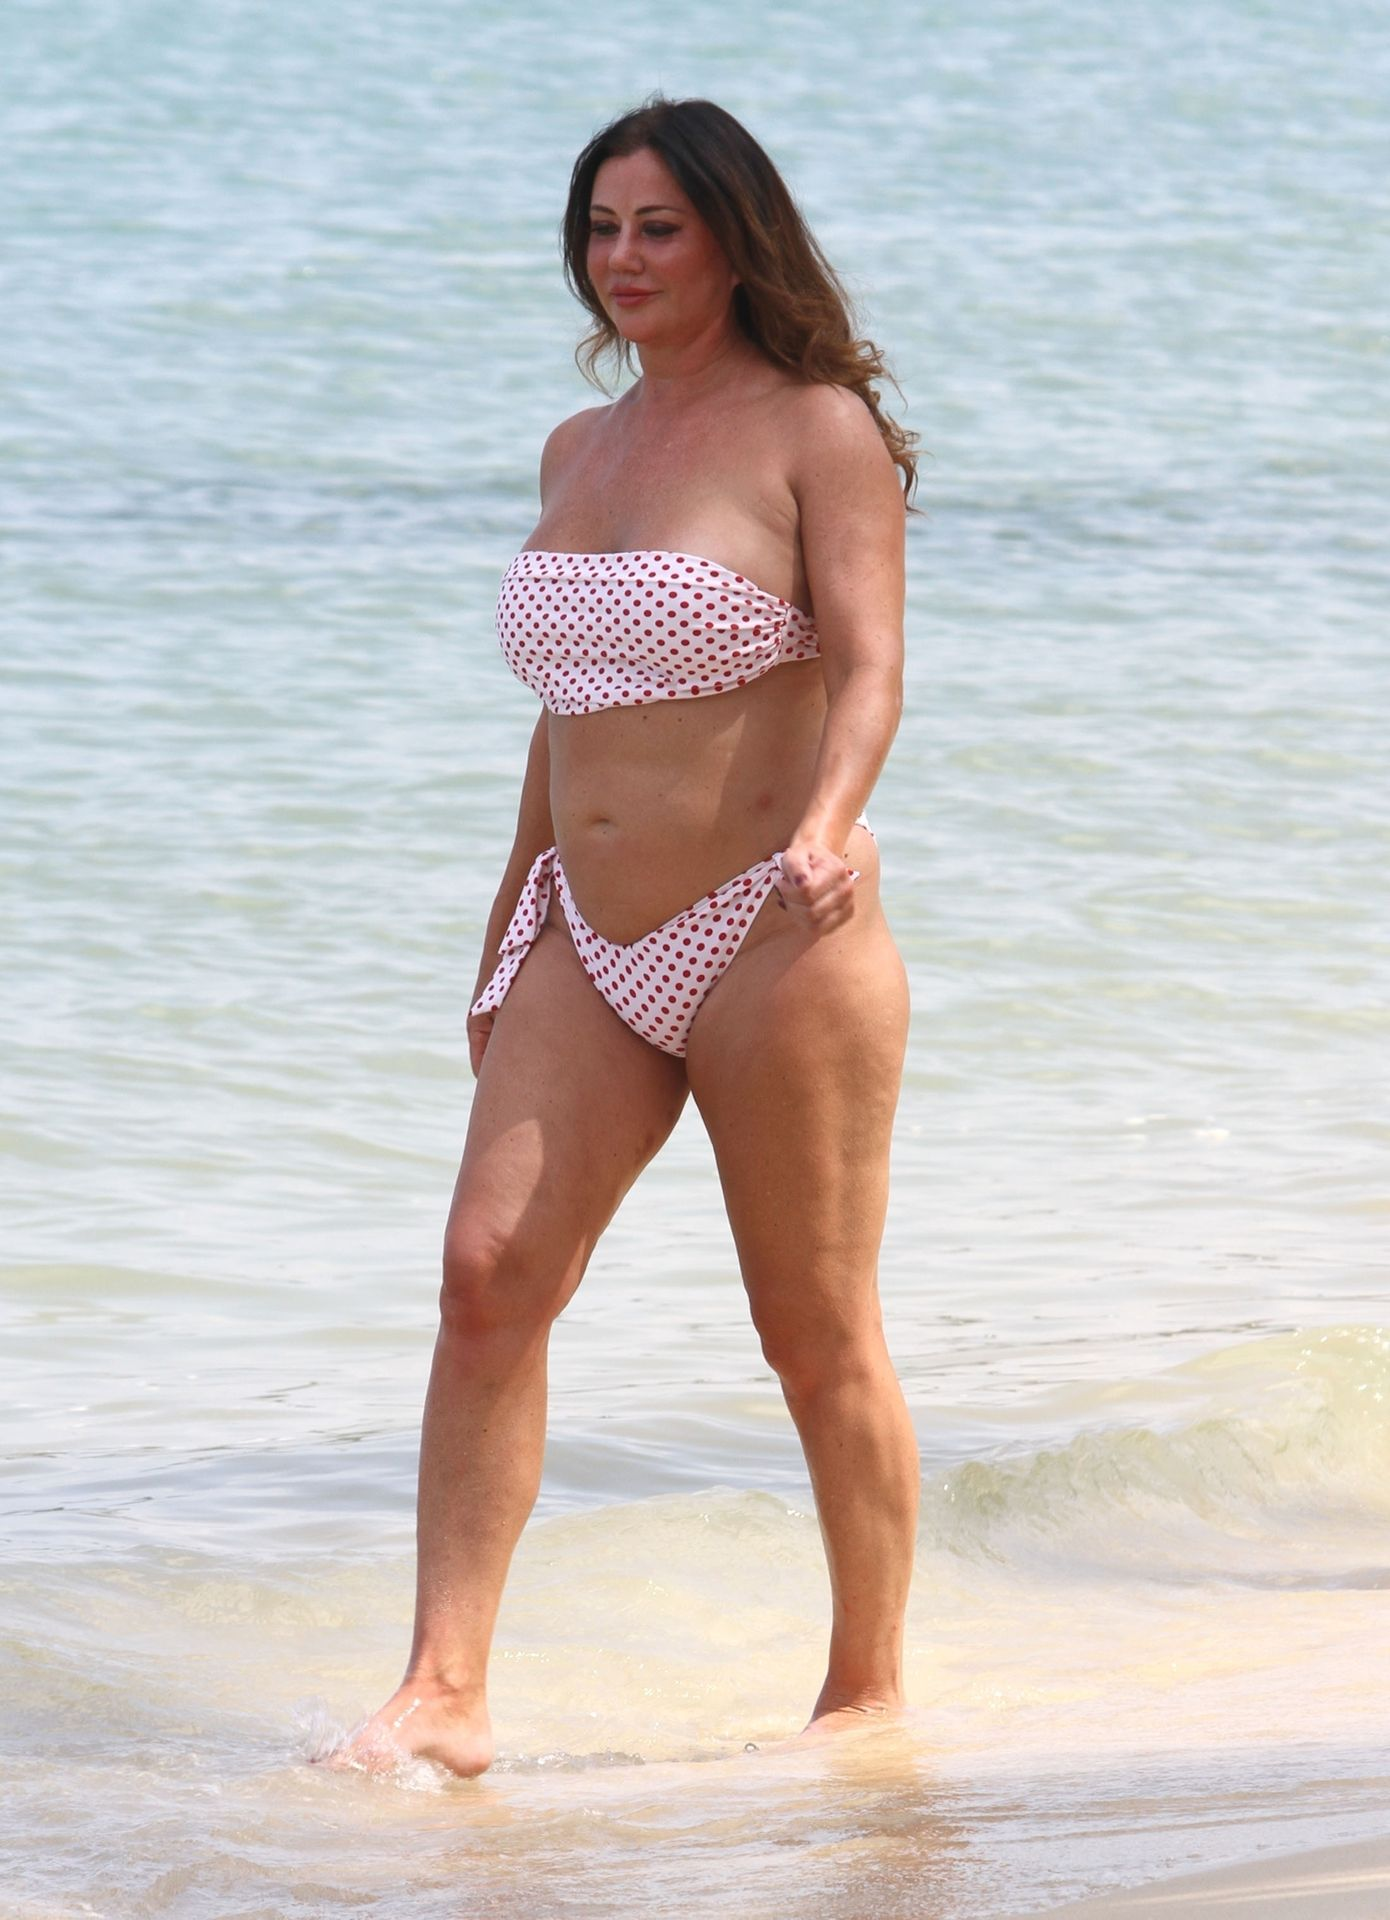 Lisa Appleton Hot & Topless 0038